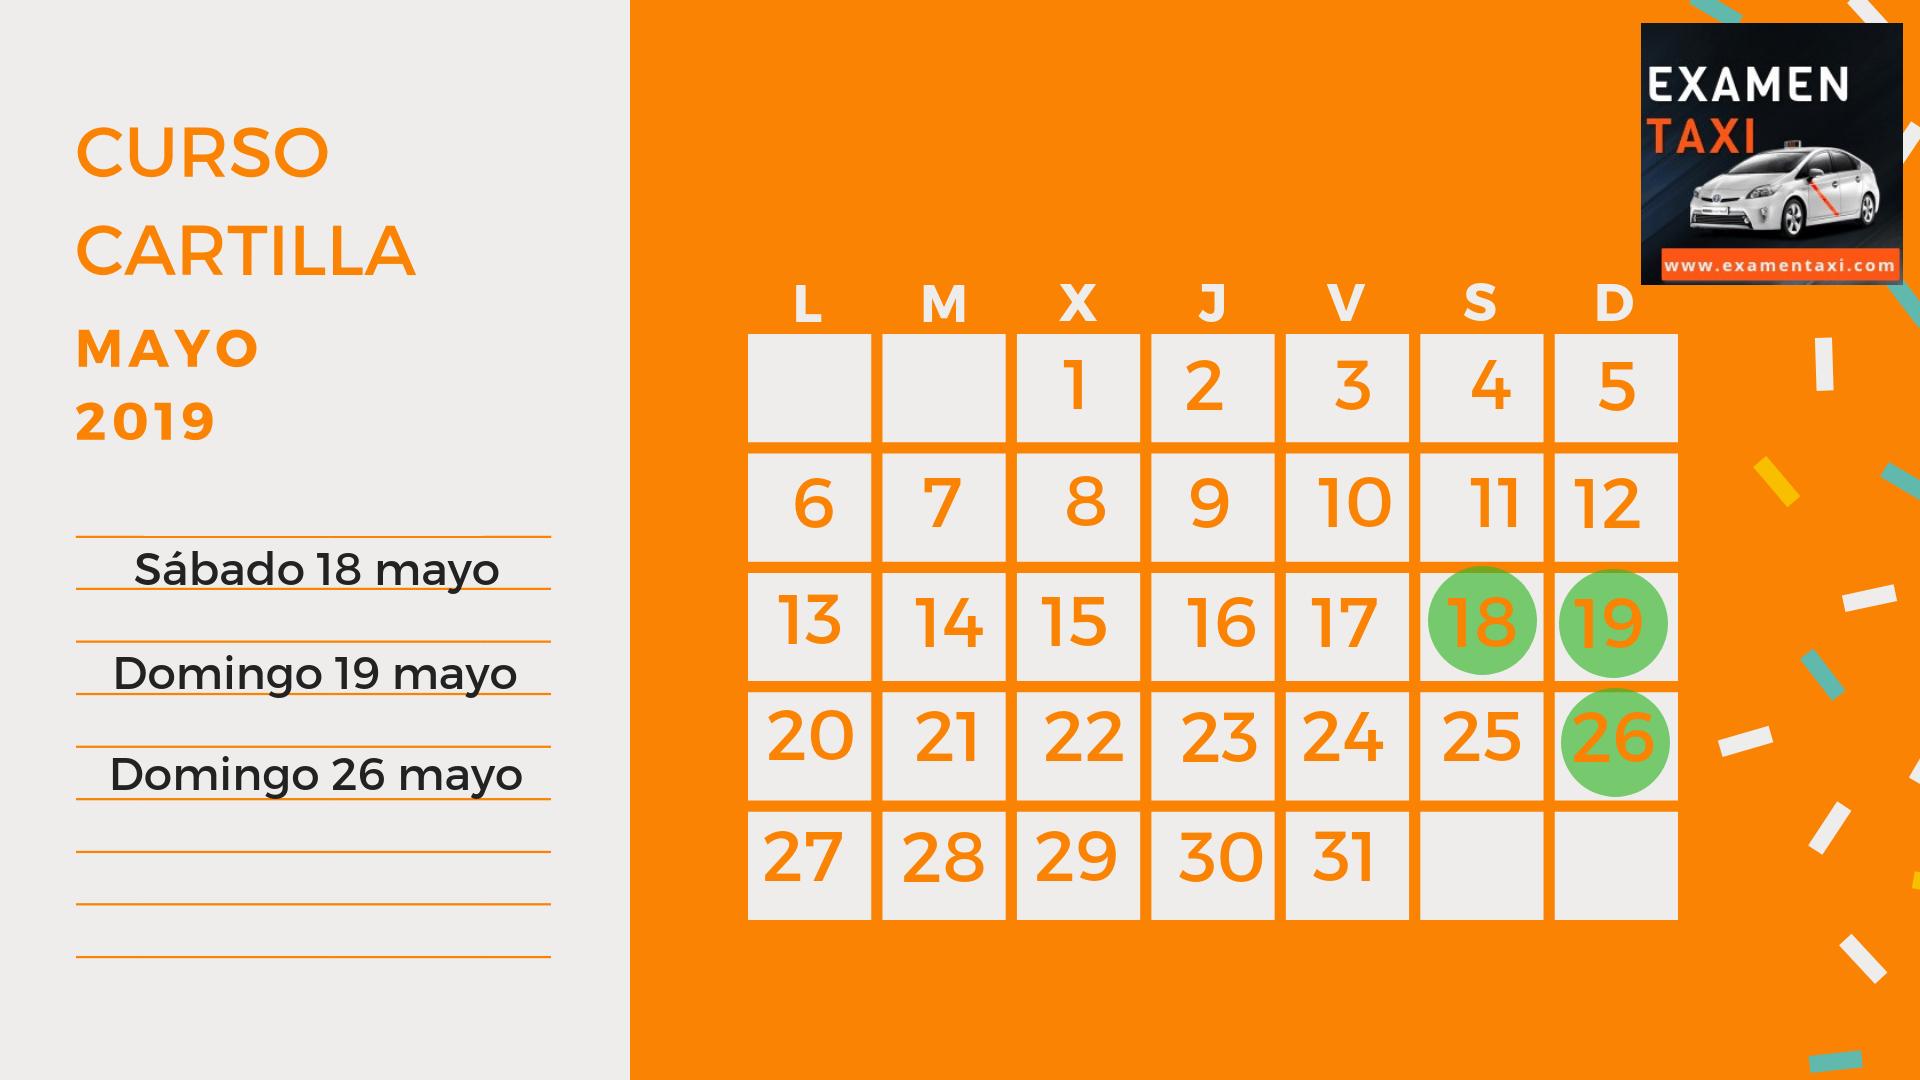 Calendario Curso Cartilla Mayo 2019